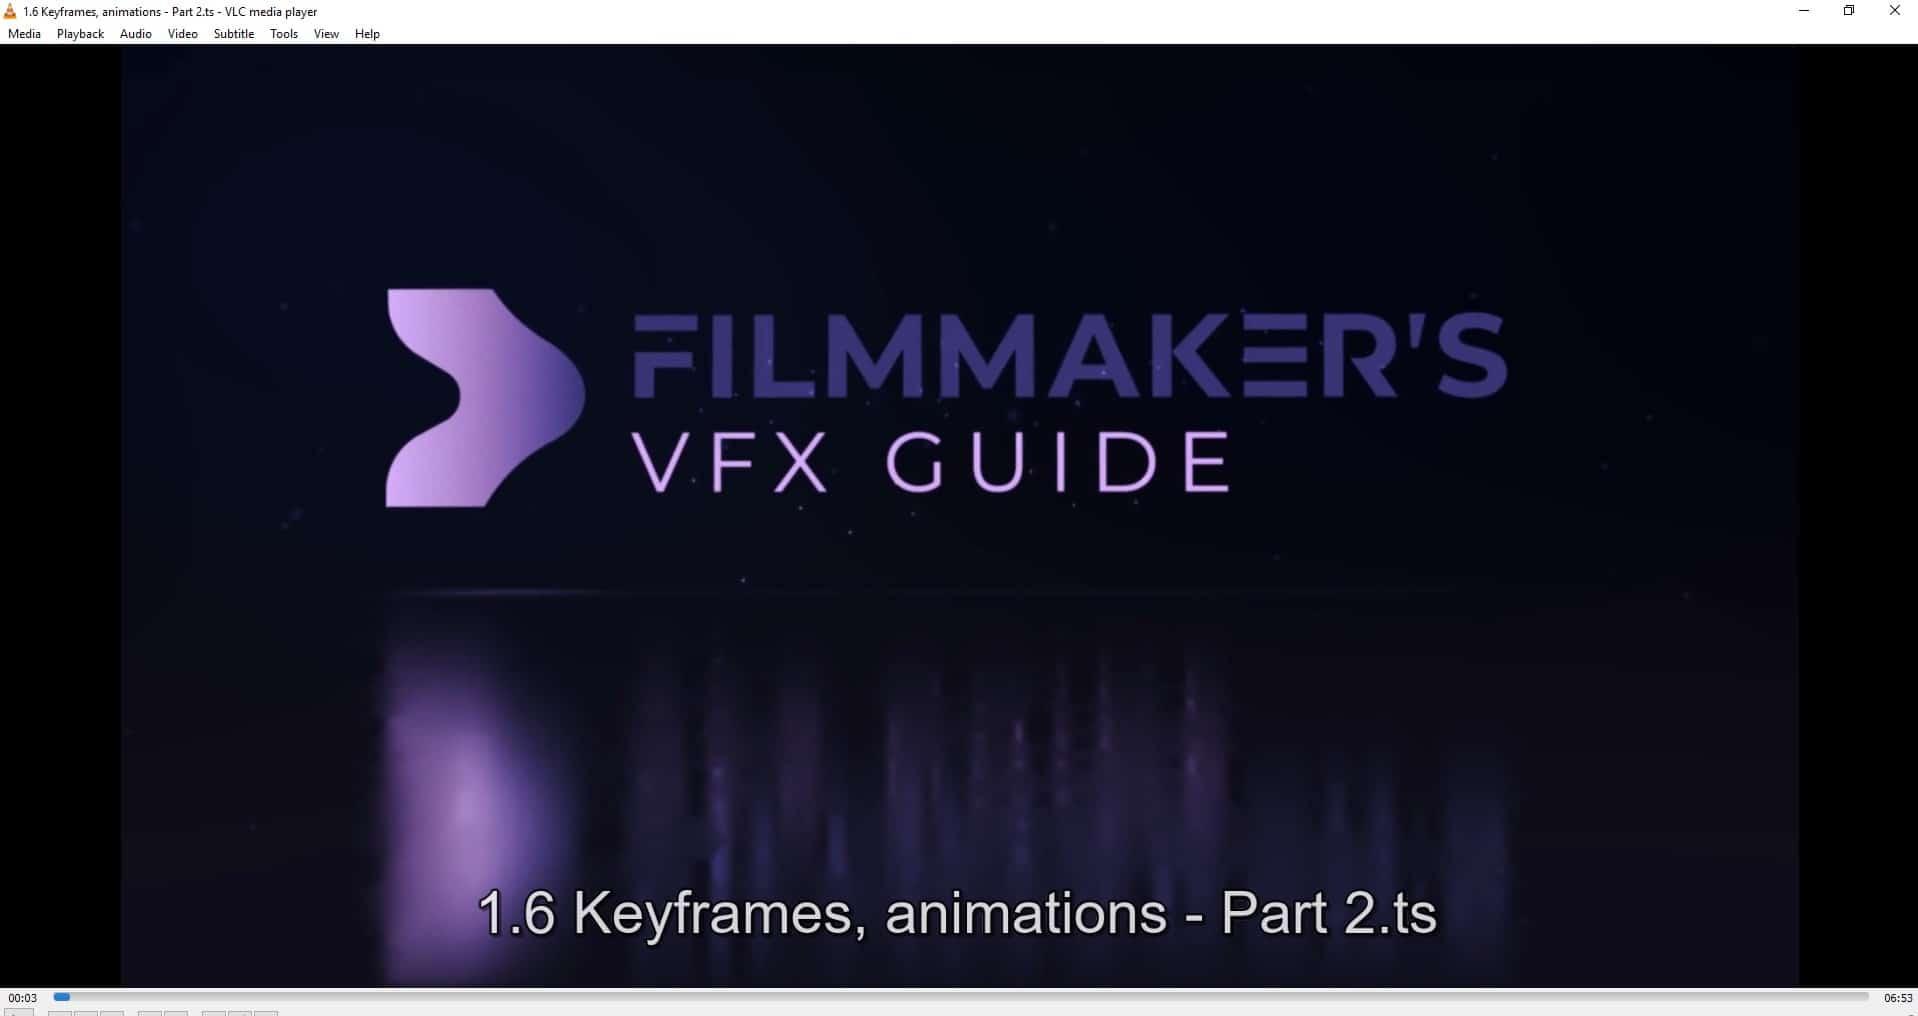 Filmmaker VFX Guide by Jacek Adamczyk buy